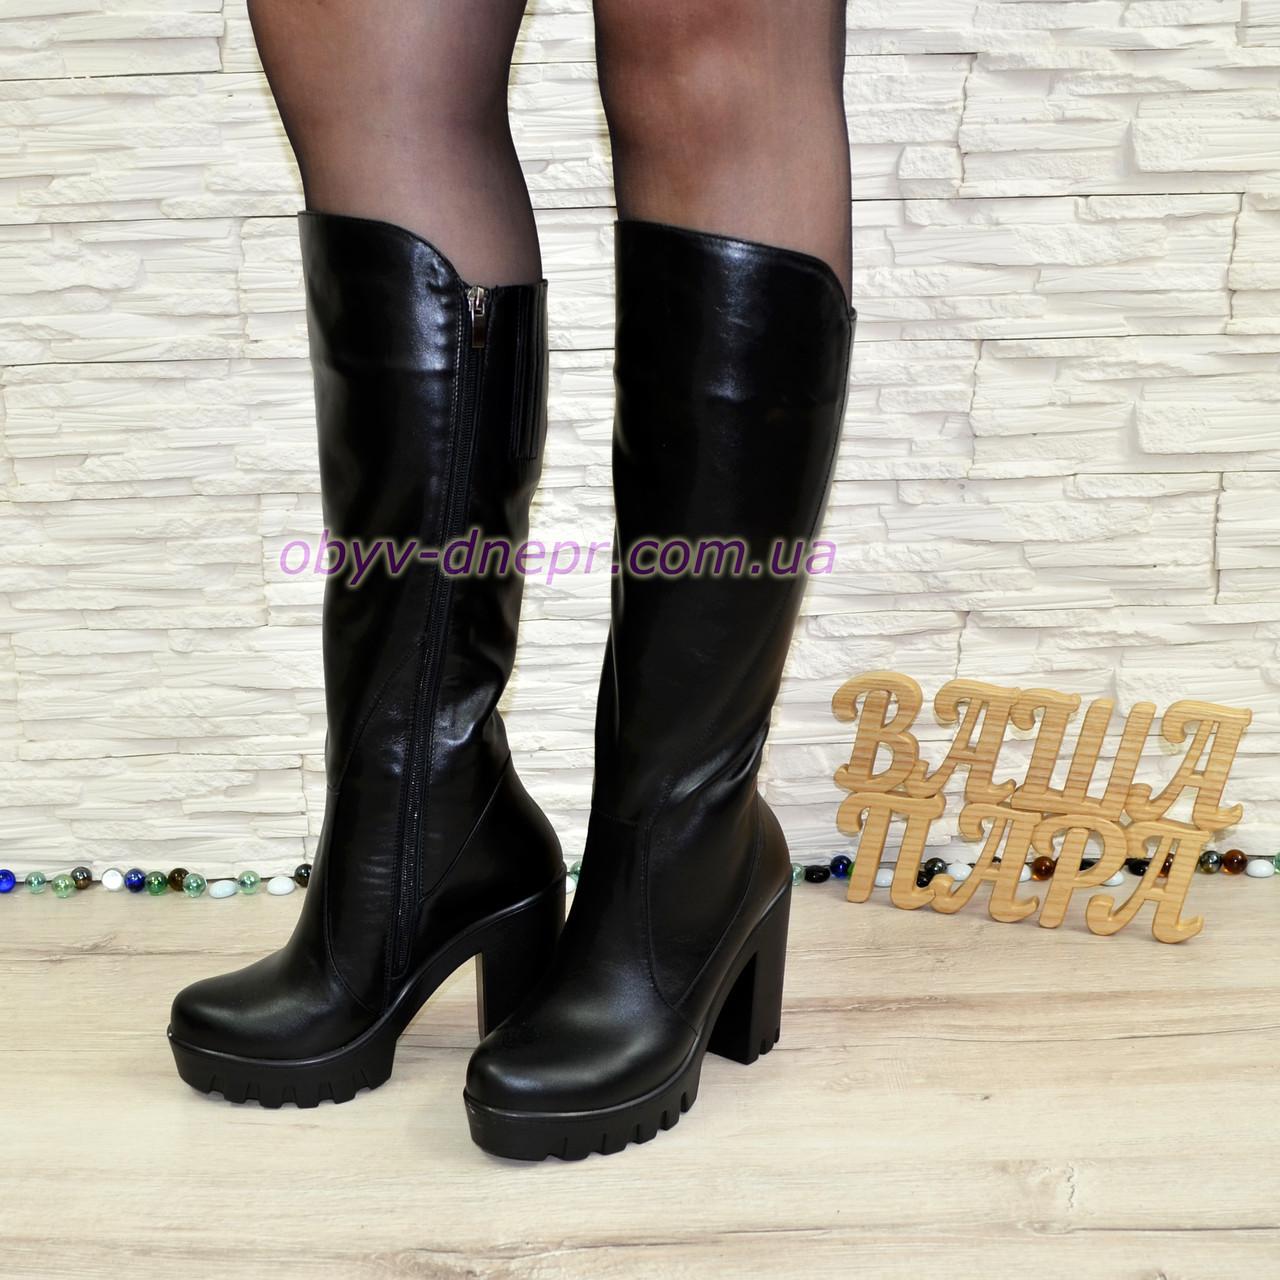 Женские кожаные демисезонные сапоги на высоком устойчивом каблуке, цвет черный.